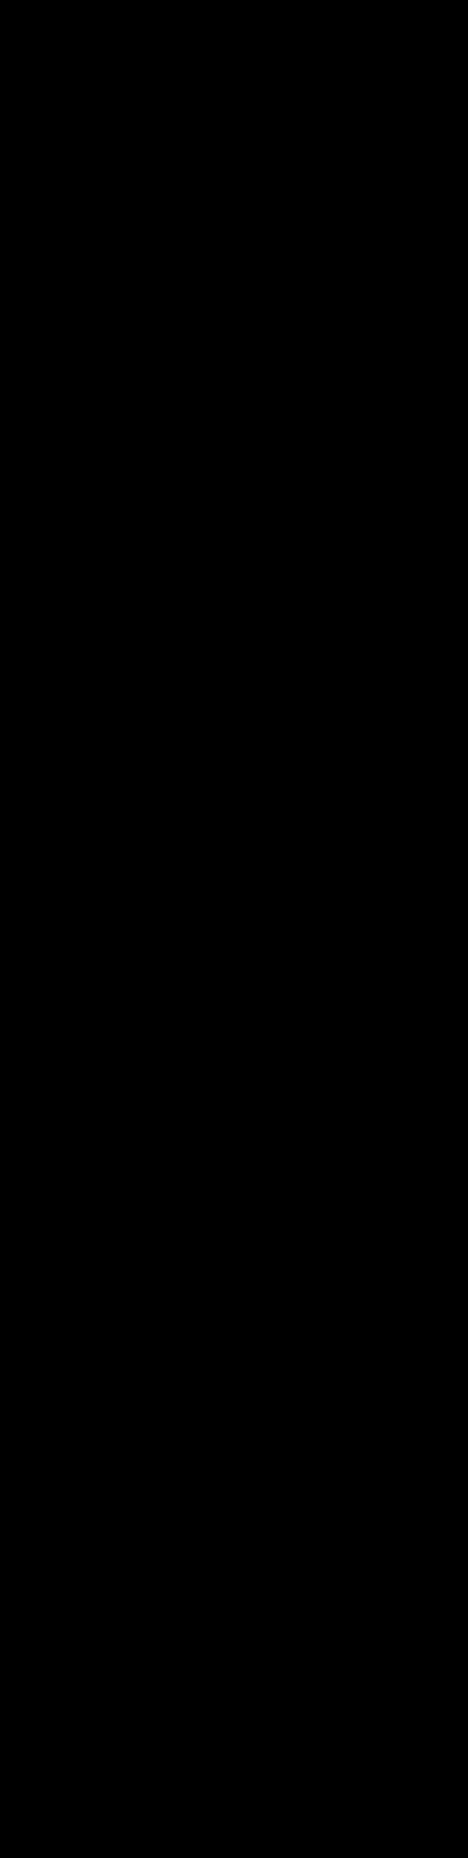 คอร์ดกีตาร์ ง่าย คอร์ดกีตาร์พื้นฐาน เพลง ดอกไม้พลาสติก Cover By Tuayp